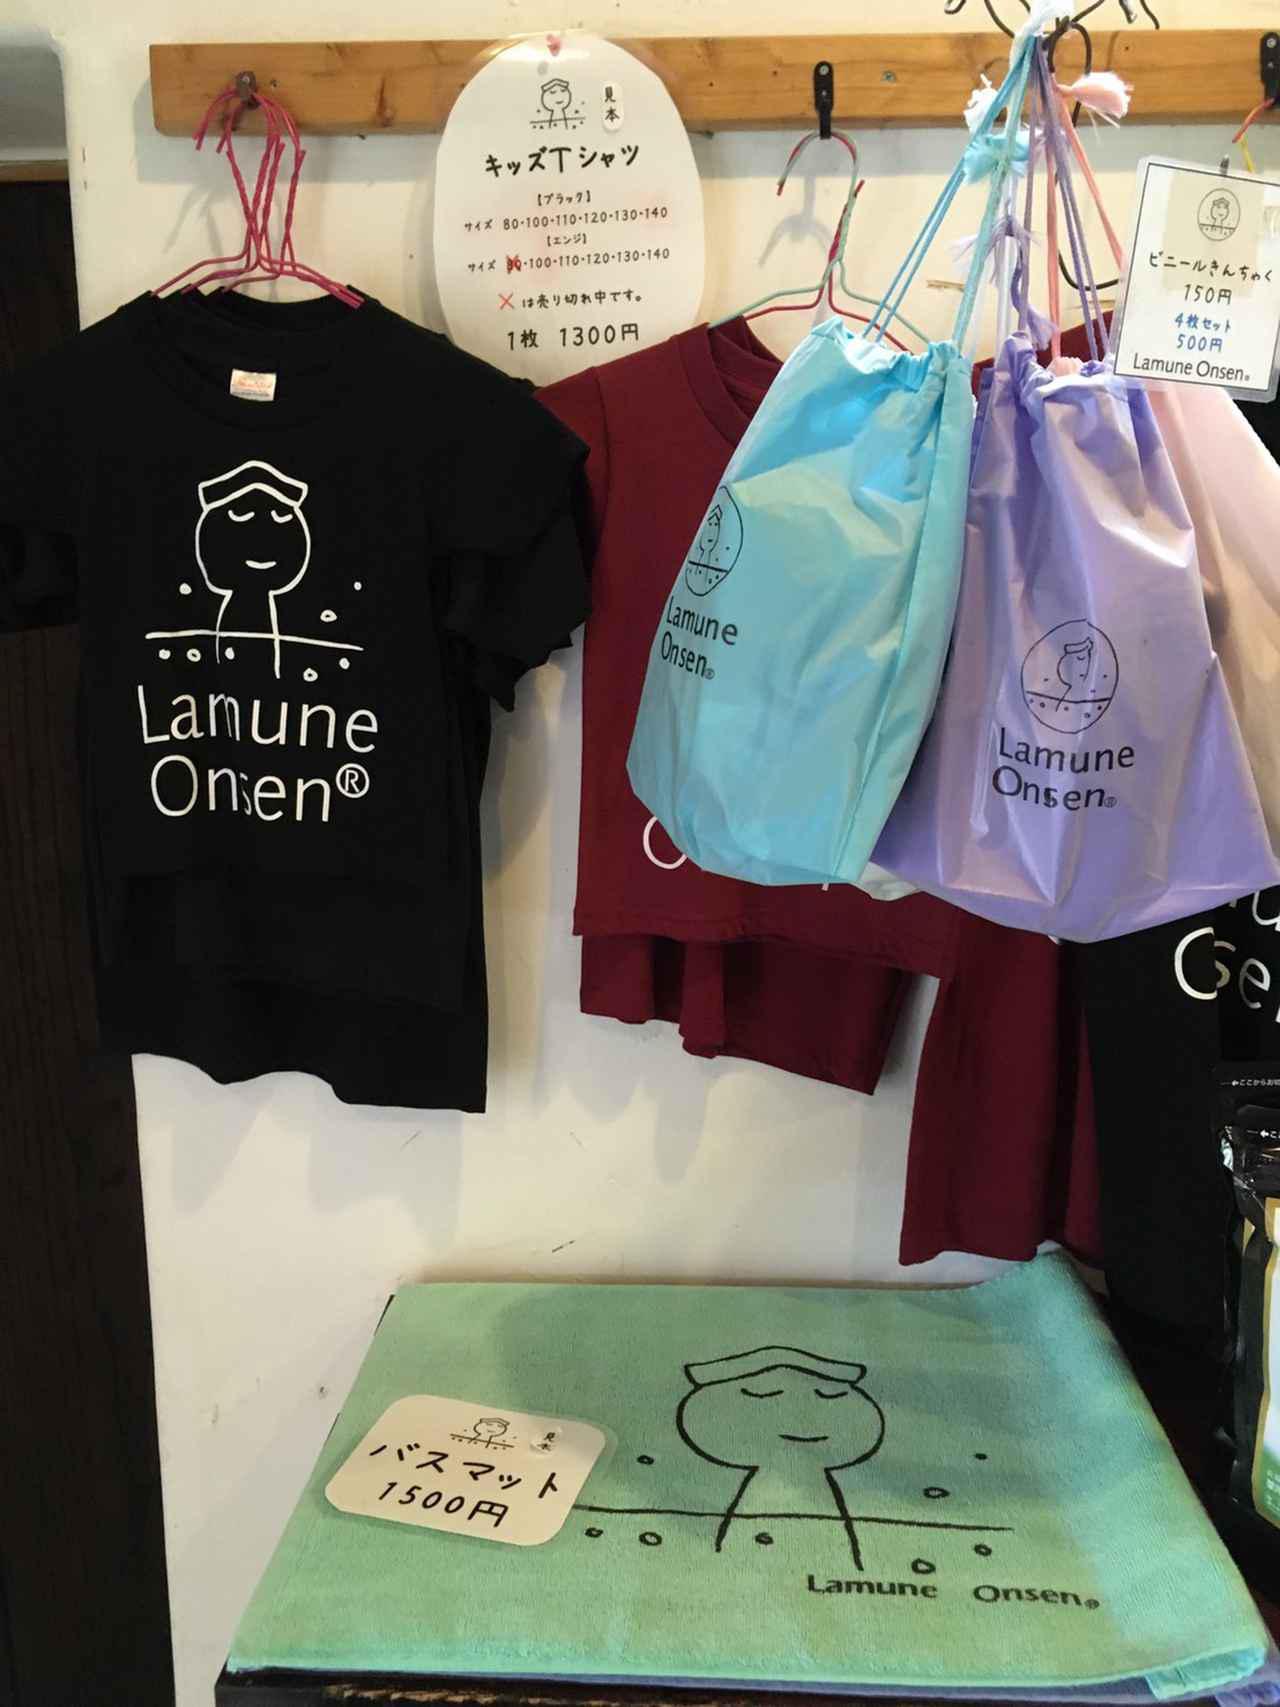 画像9: 福山理子の大分ツーリング〈番外編2〉長湯温泉「ラムネ温泉館」と猫ちゃんが案内してくれる美術館が最高!